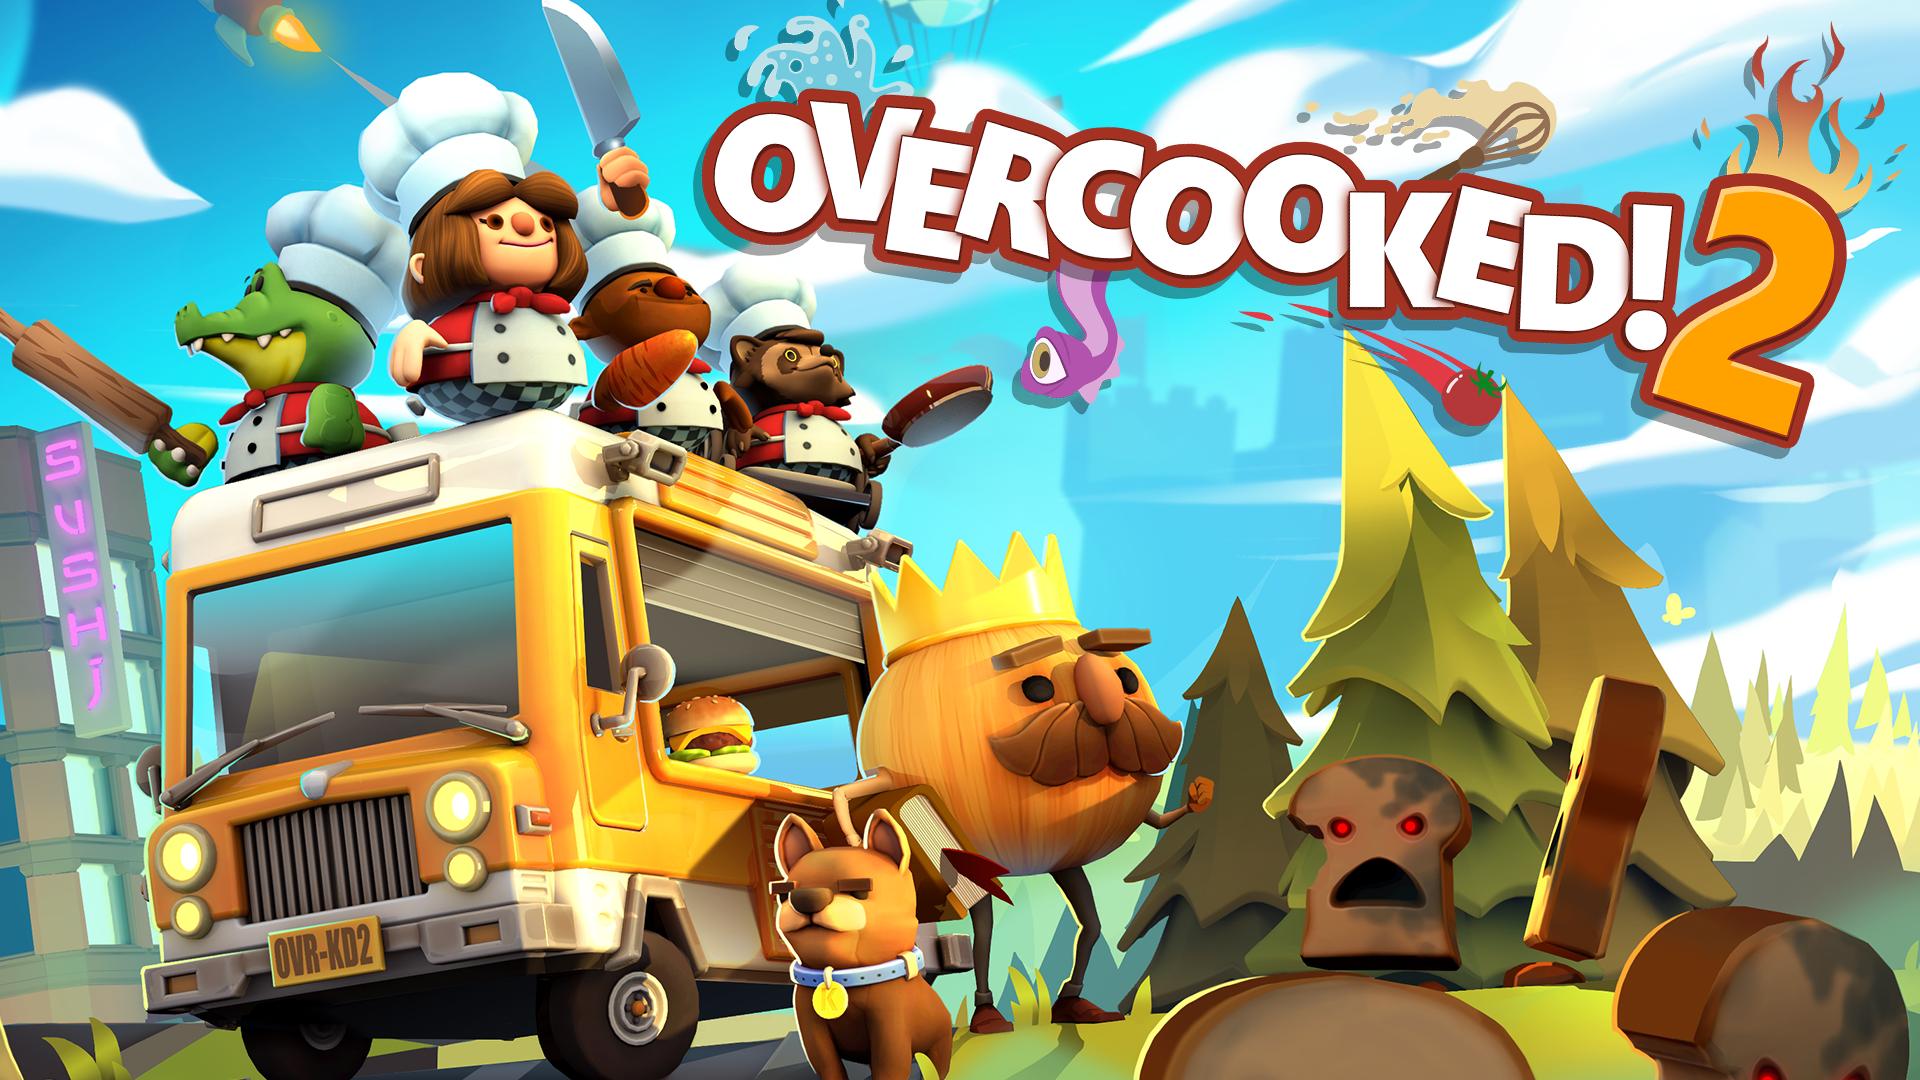 Overcooked! 2 logo